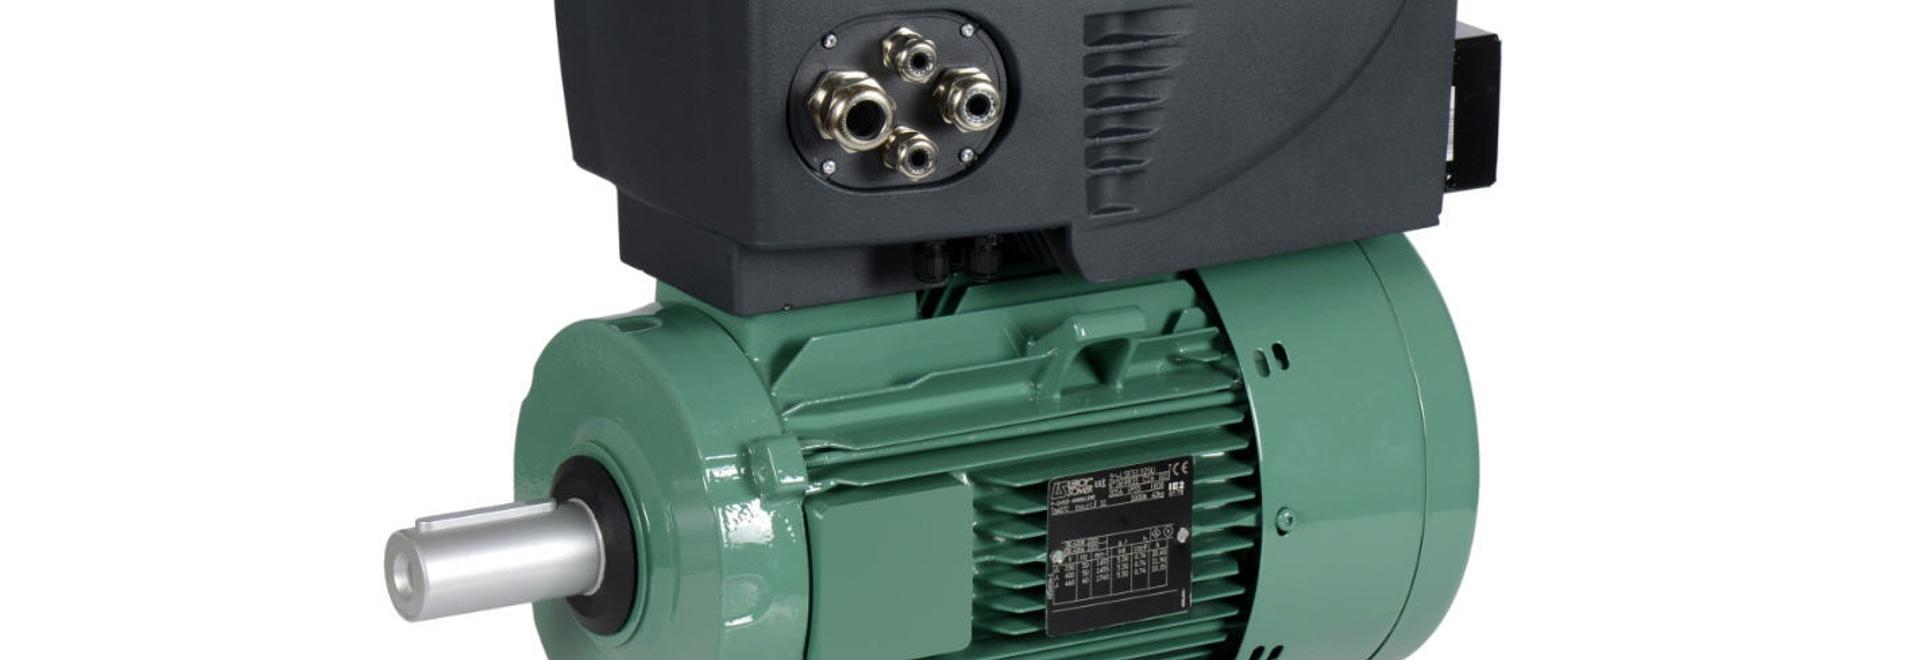 Commander ID300, der neue integrierte Umrichter für IMfinity® Motoren